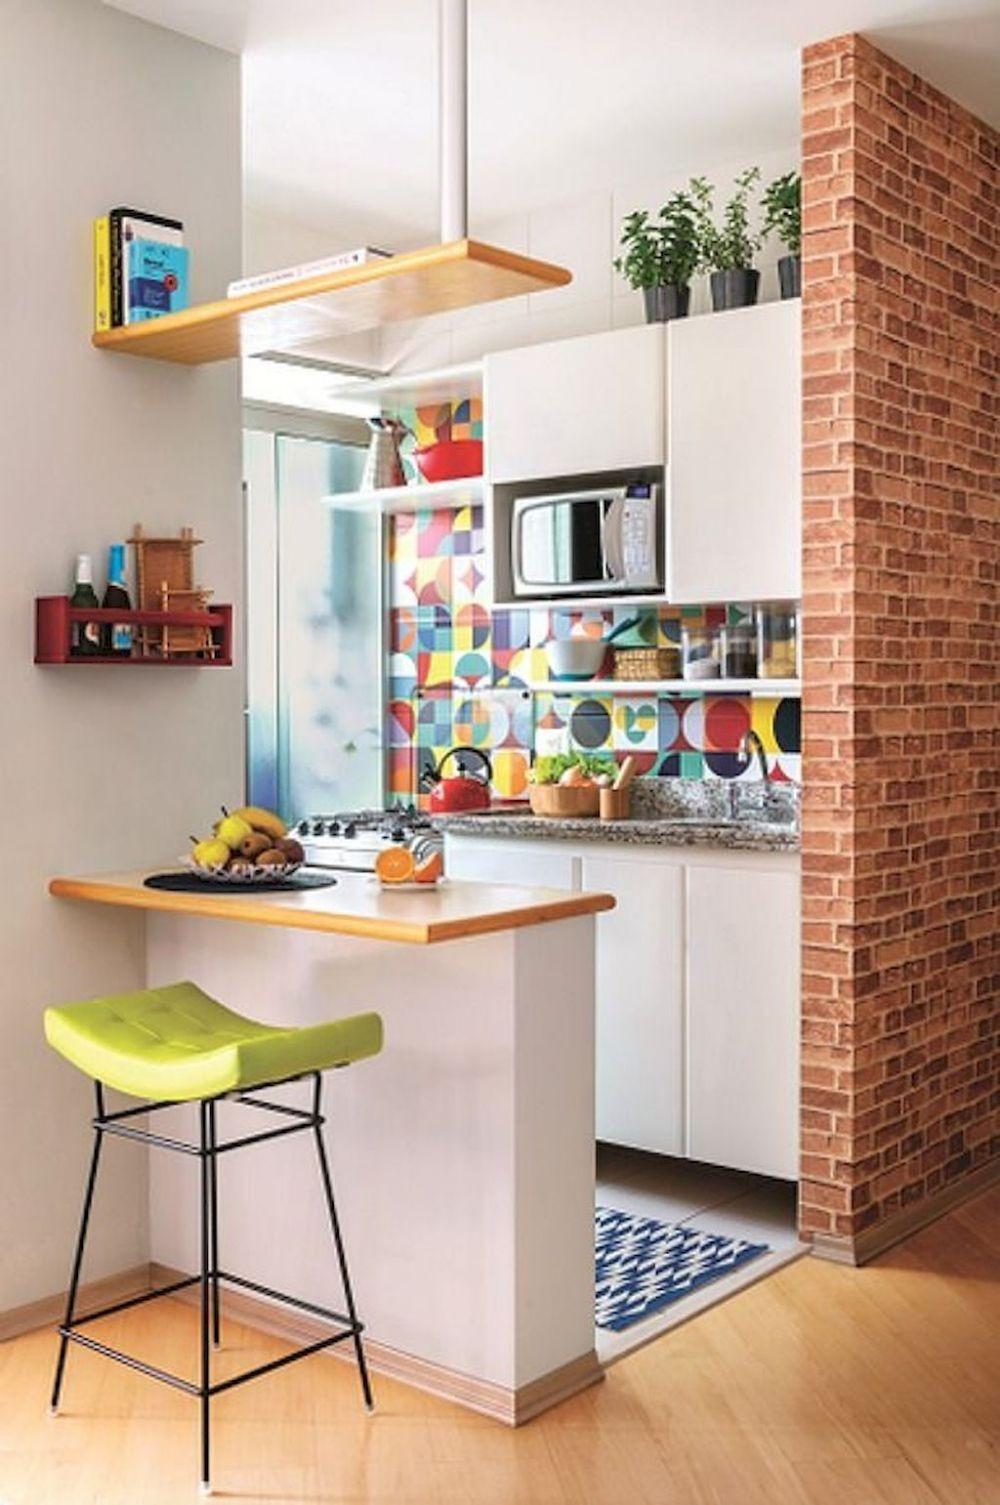 Cocok untuk Pasutri Muda, Ini 10 Desain Dapur Mungil Berbagai Tema